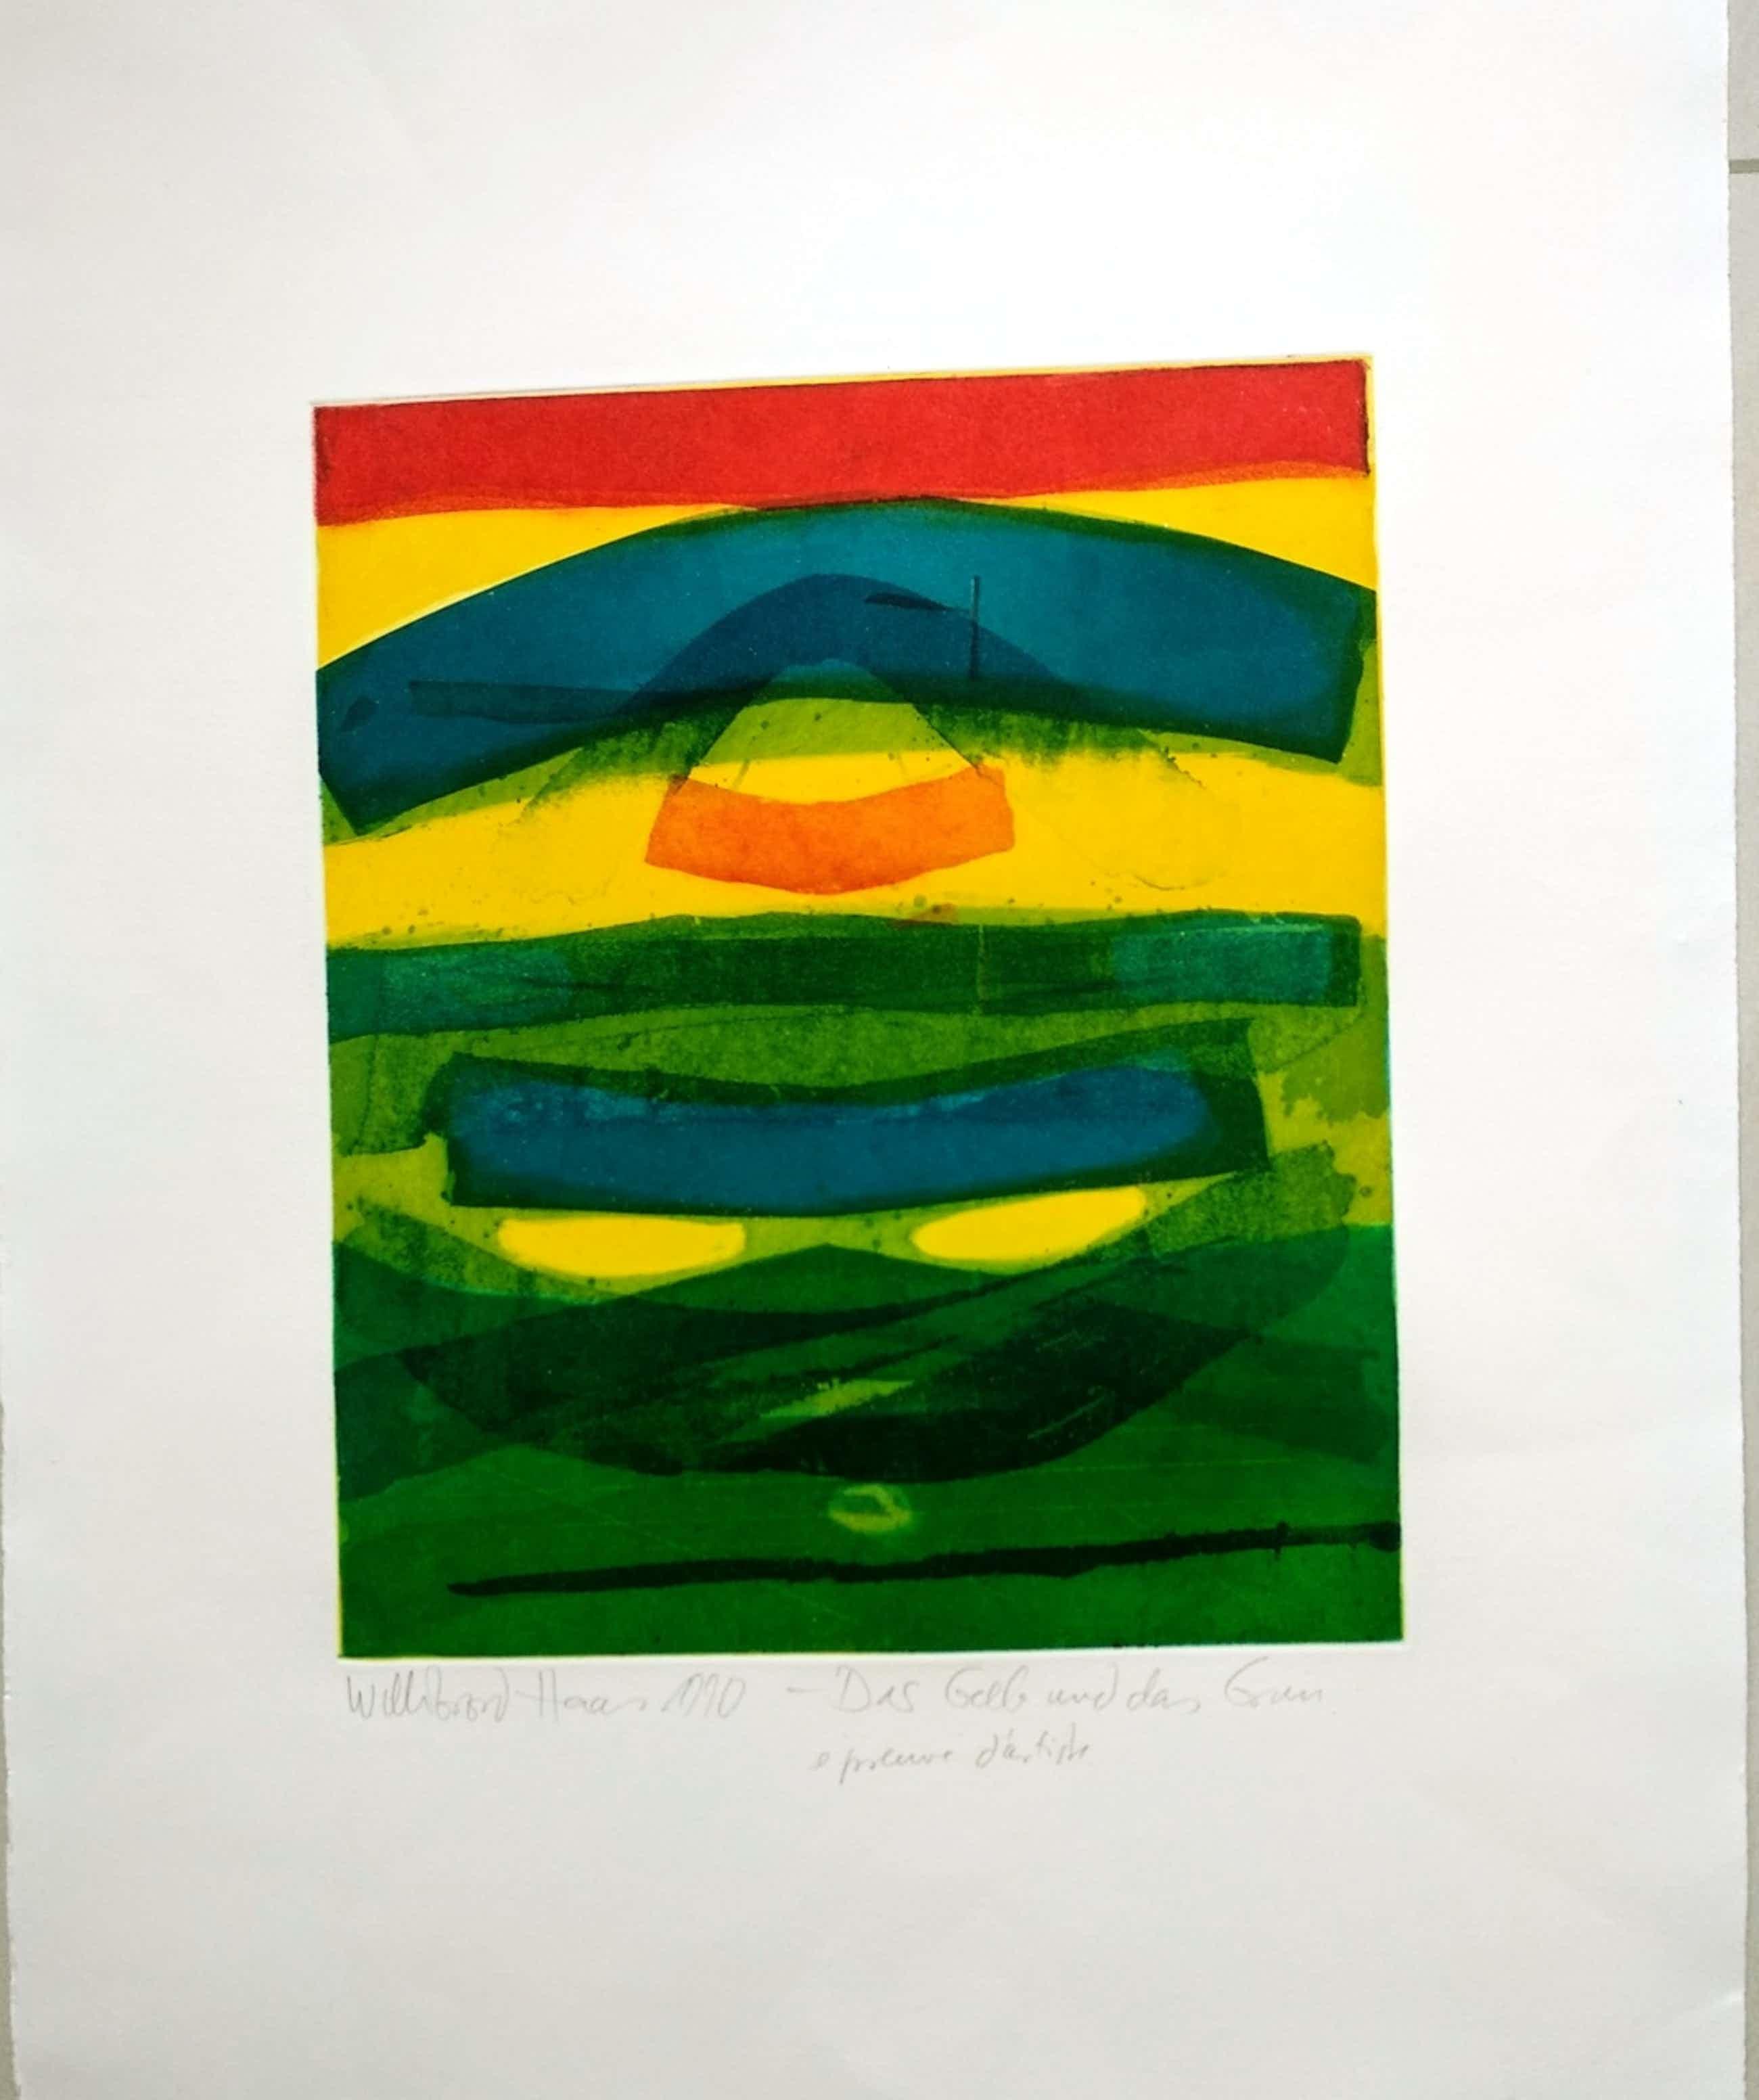 Willibrord Haas - Das Gelb und das Grün, 1990 kopen? Bied vanaf 130!